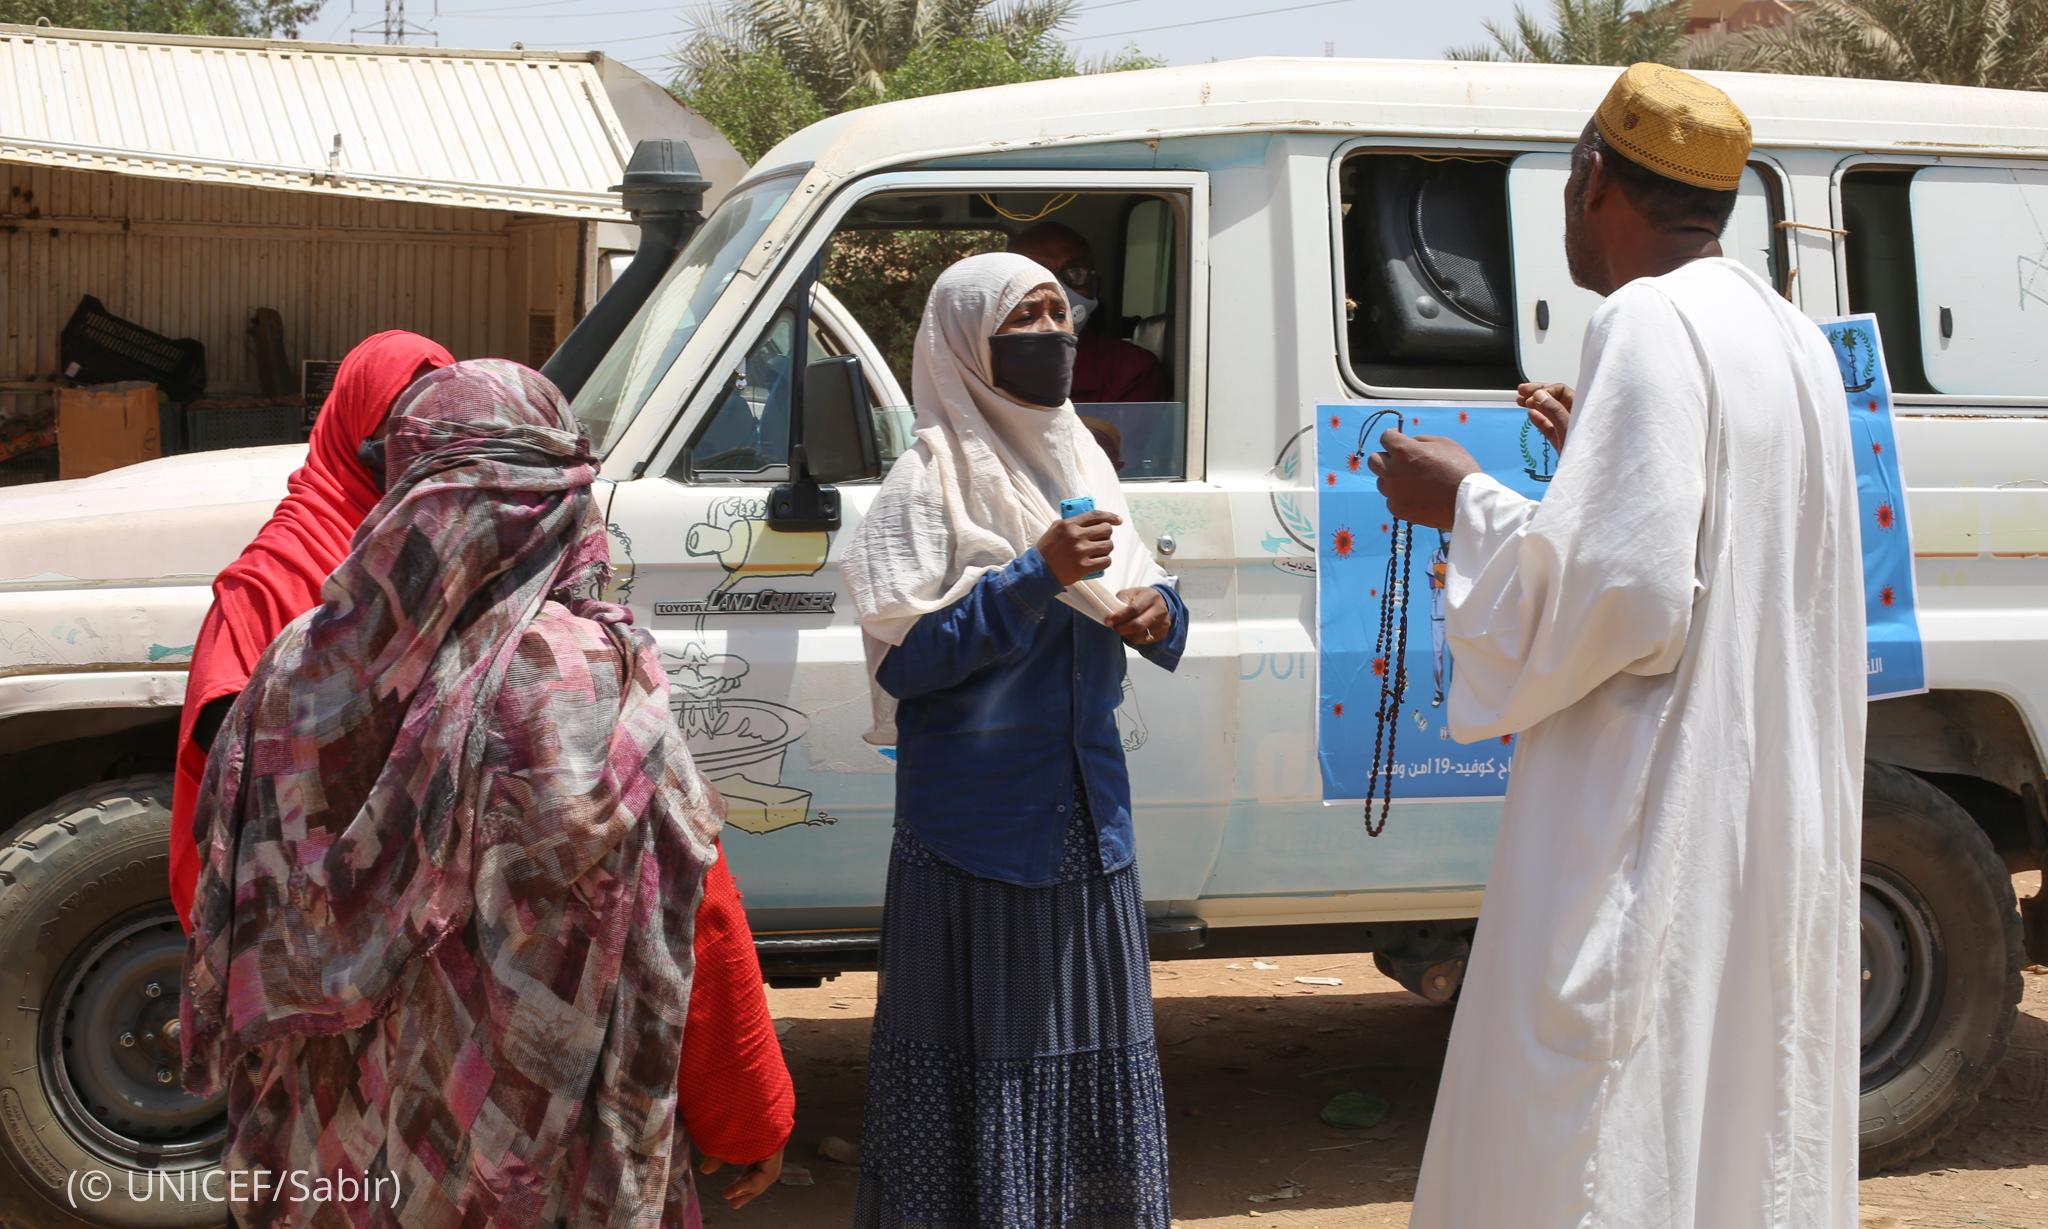 Personas hablando delante de una furgoneta (© UNICEF/Sabir)